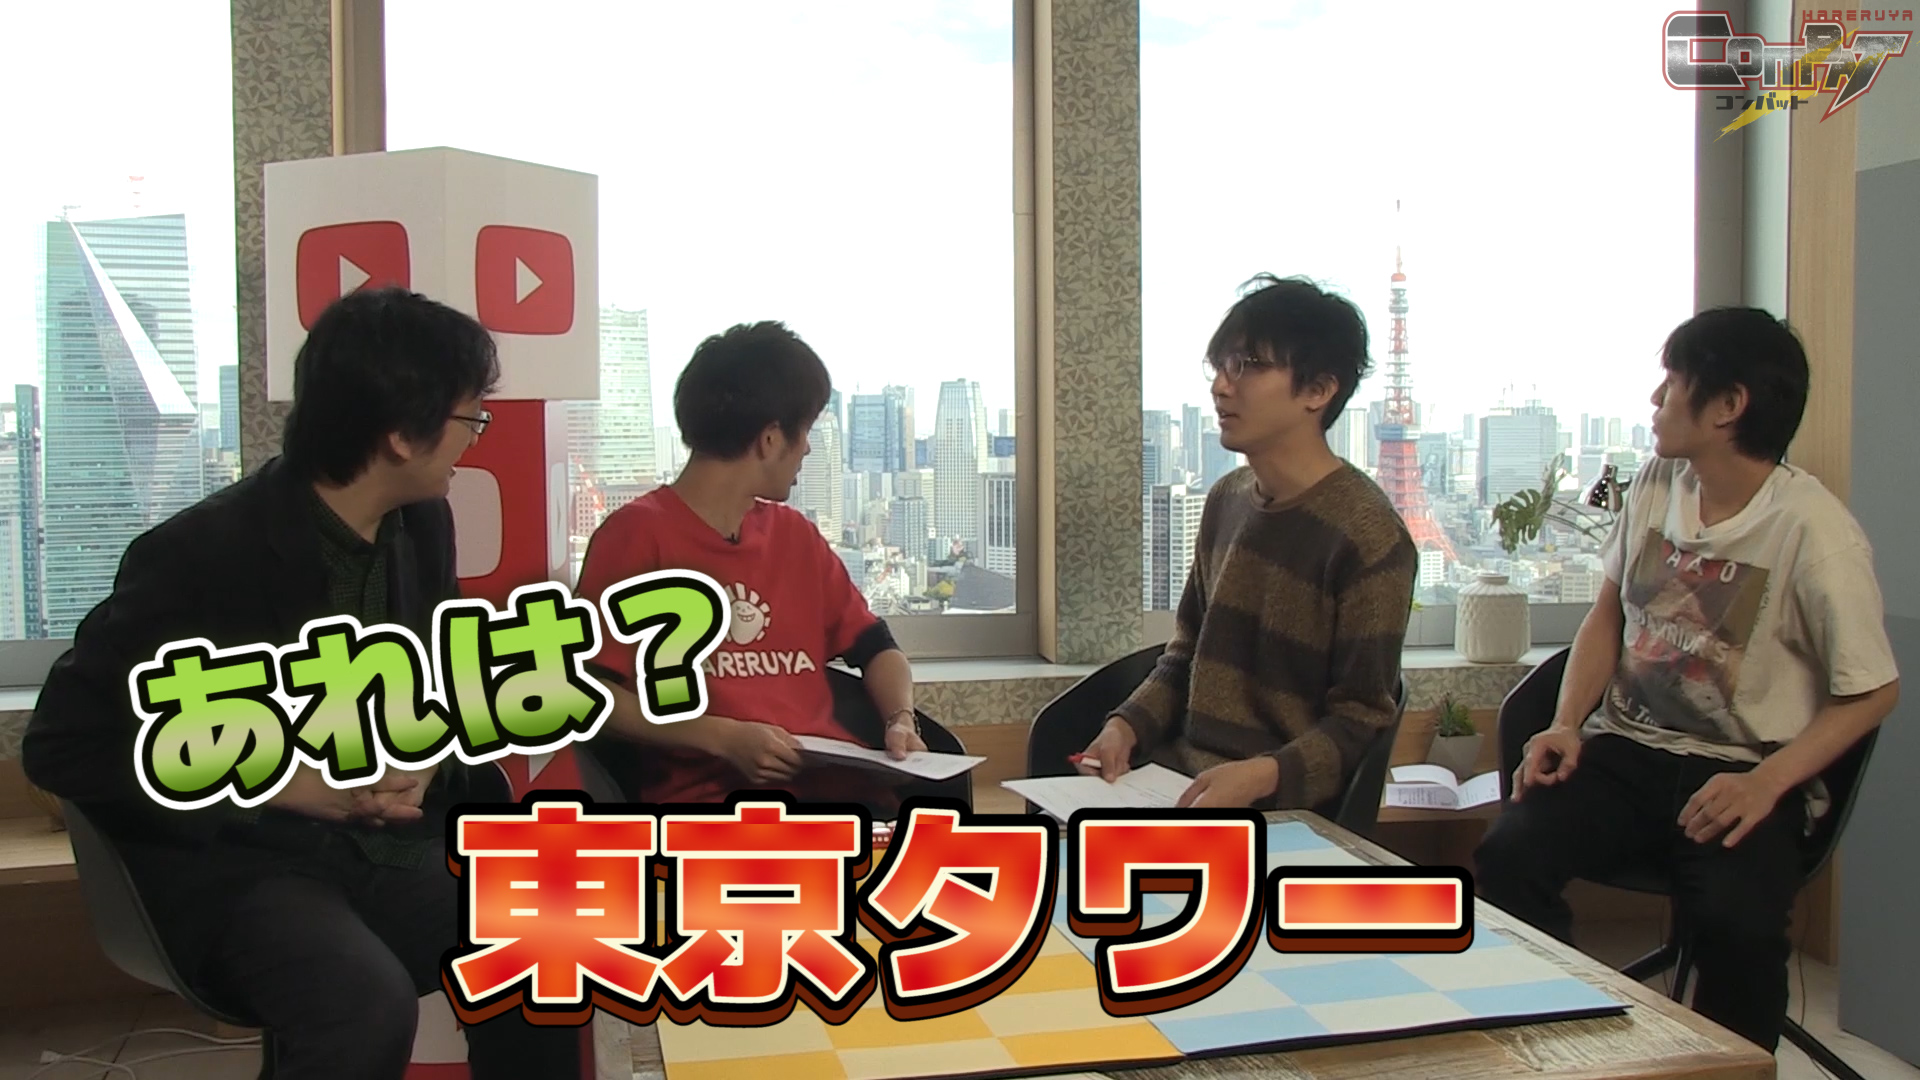 「あれは?」「東京タワー」